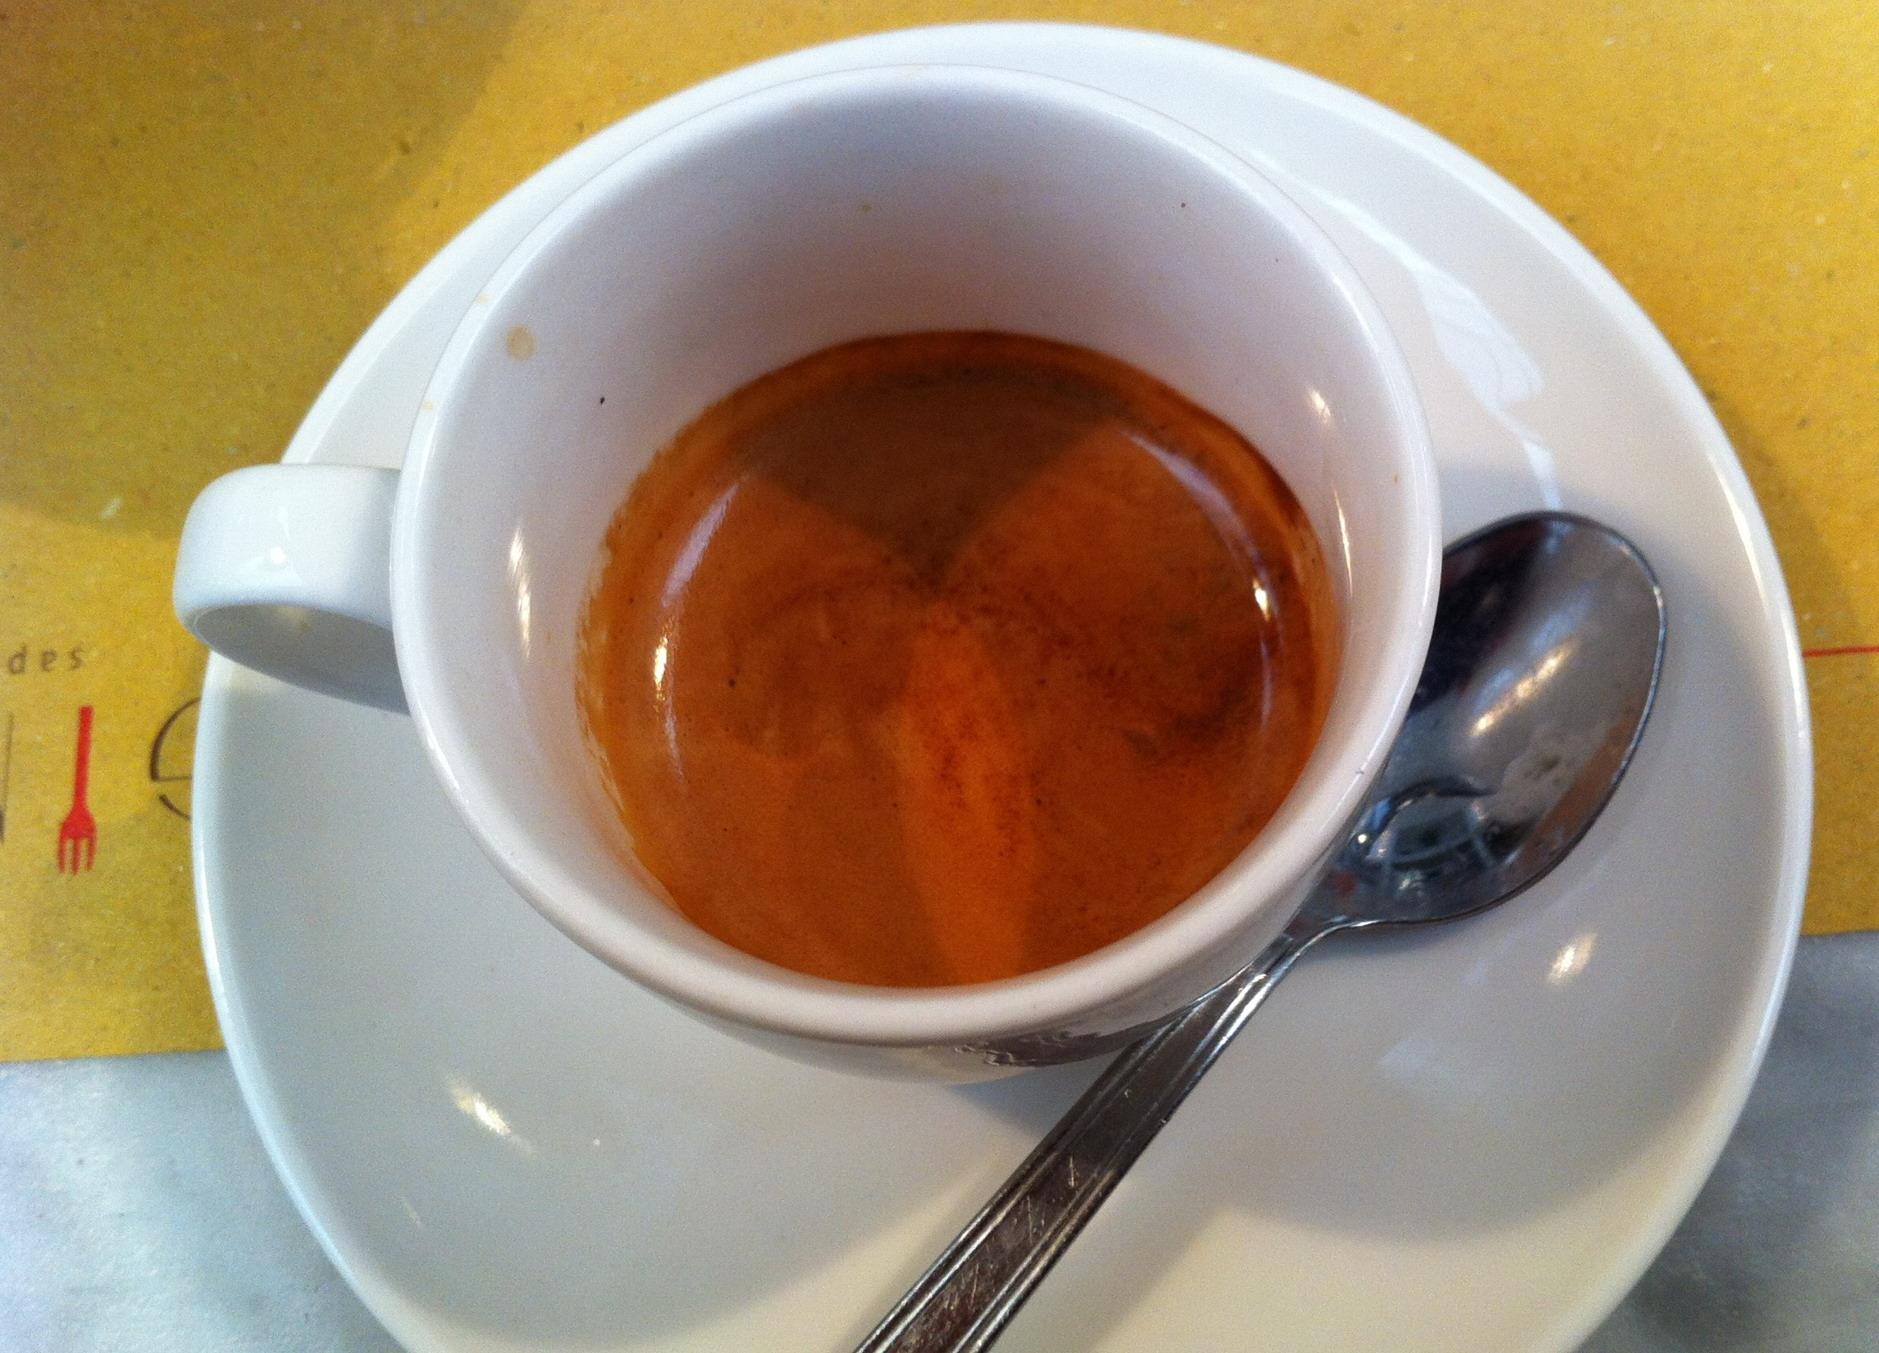 RECENSIONE DEL CAFFÈ DANESI